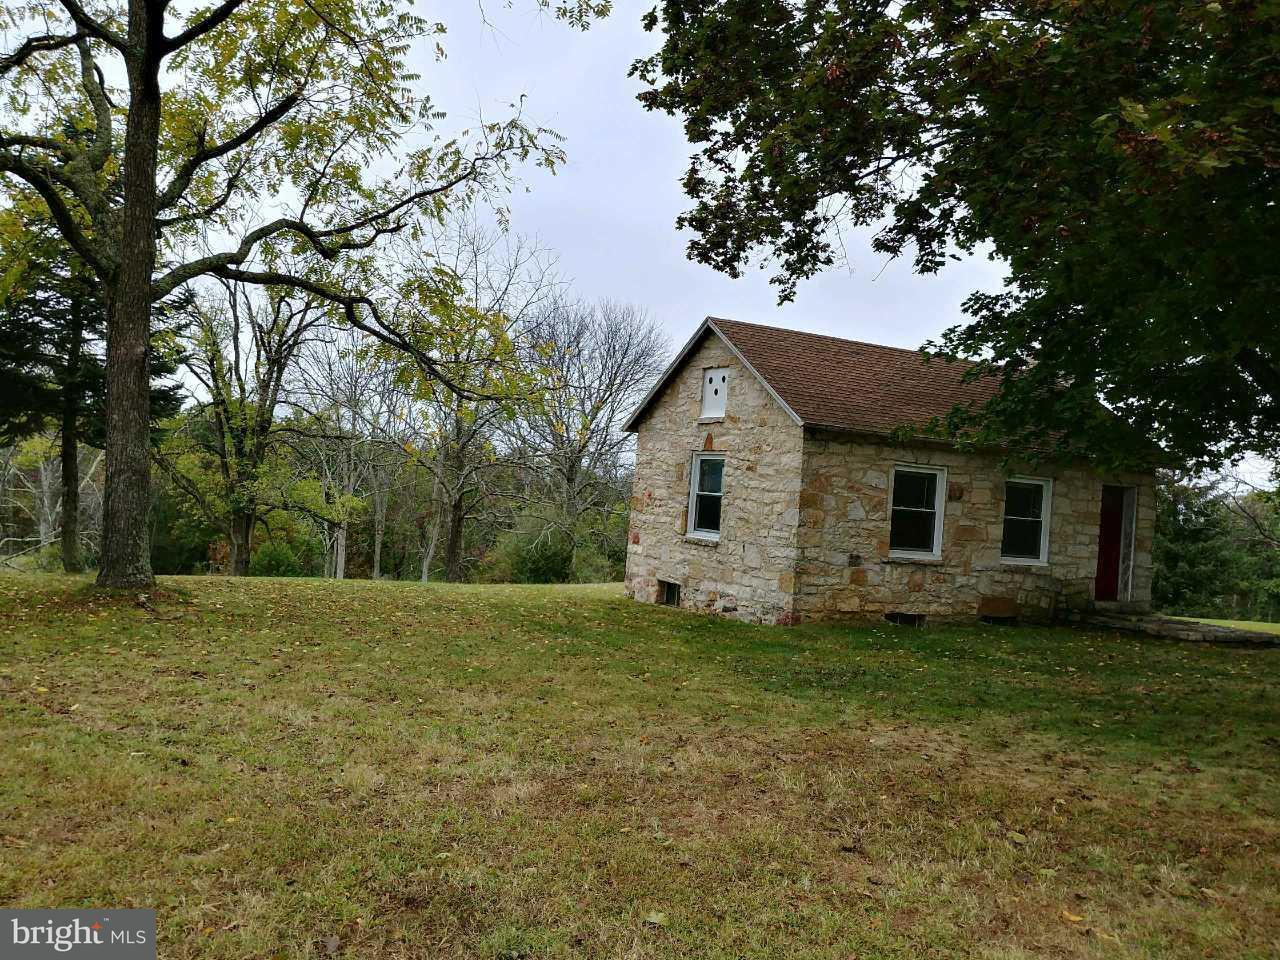 Частный односемейный дом для того Продажа на 872 LICKING CREEK ROAD Road 872 LICKING CREEK ROAD Road Mercersburg, Пенсильвания 17236 Соединенные Штаты